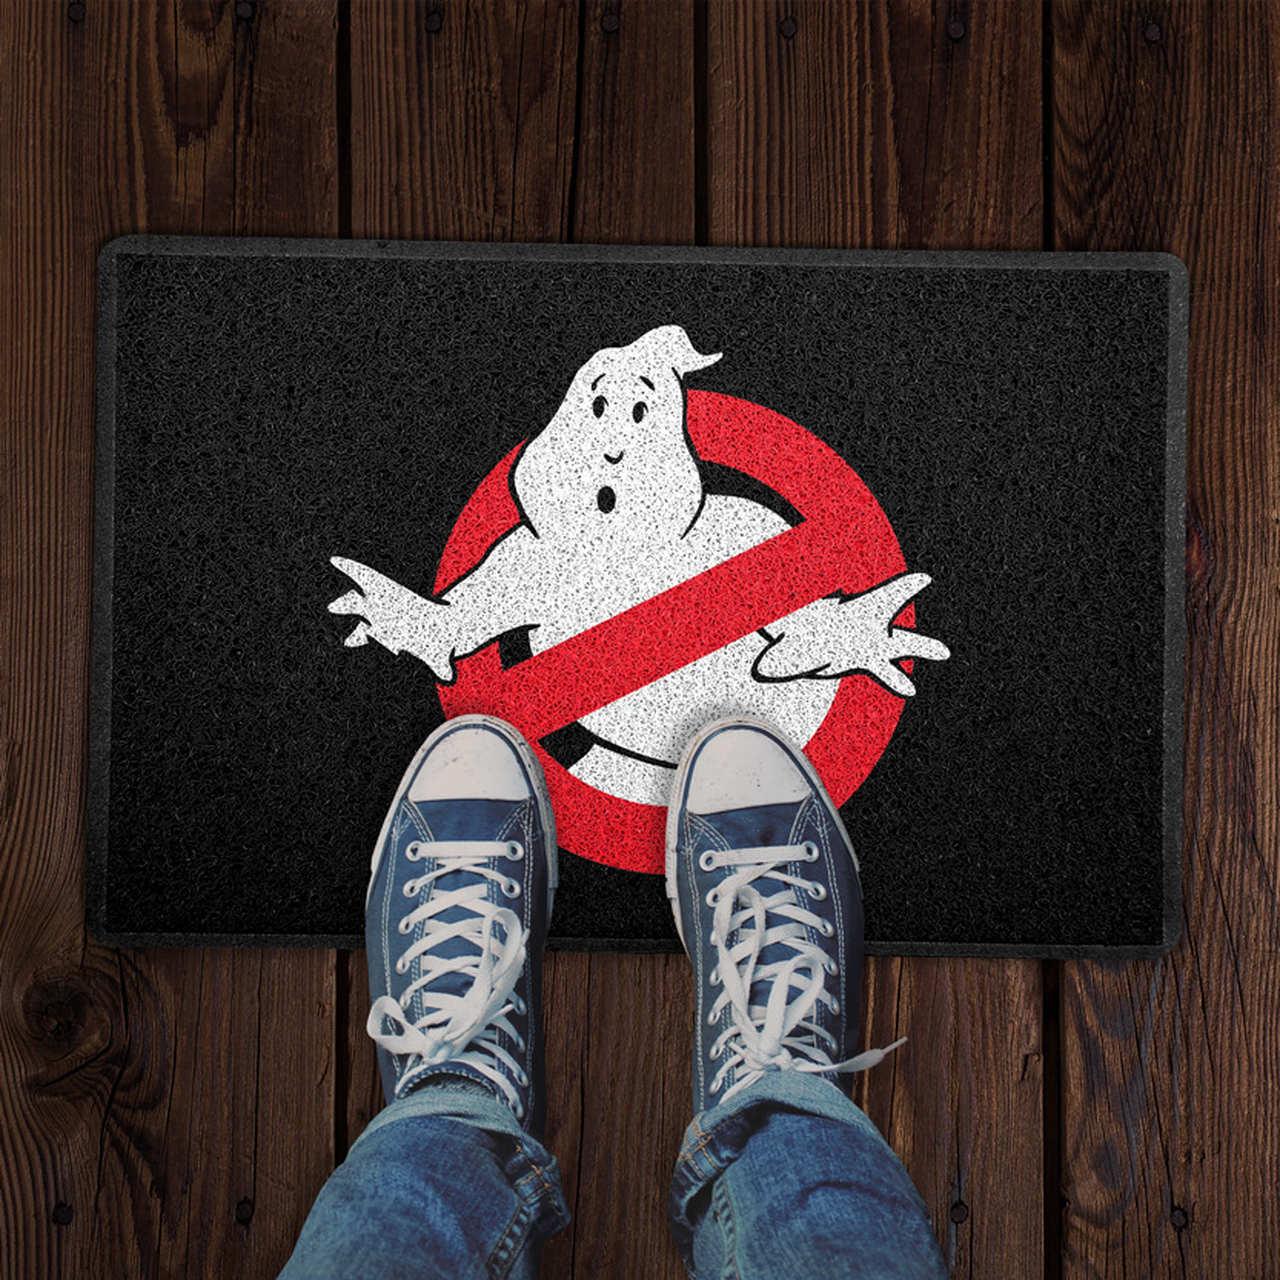 Capacho Os Caça-Fantasmas (Ghostbusters)